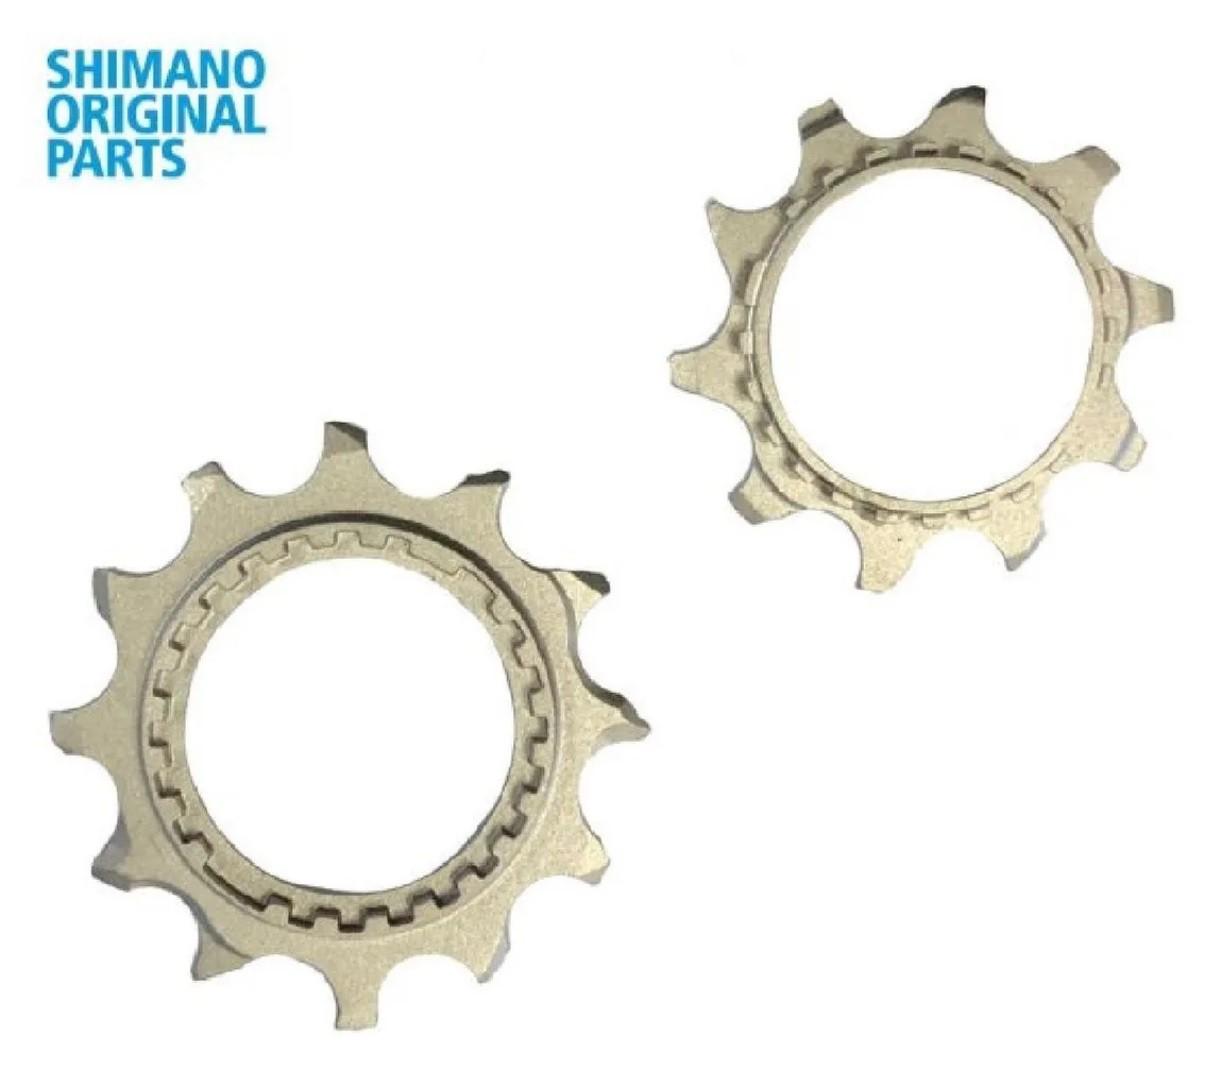 Cog 10d/12d Pinhão Para Cassete 12v Shimano M6100 M7100 M8100 M9100  - Calil Sport Bike